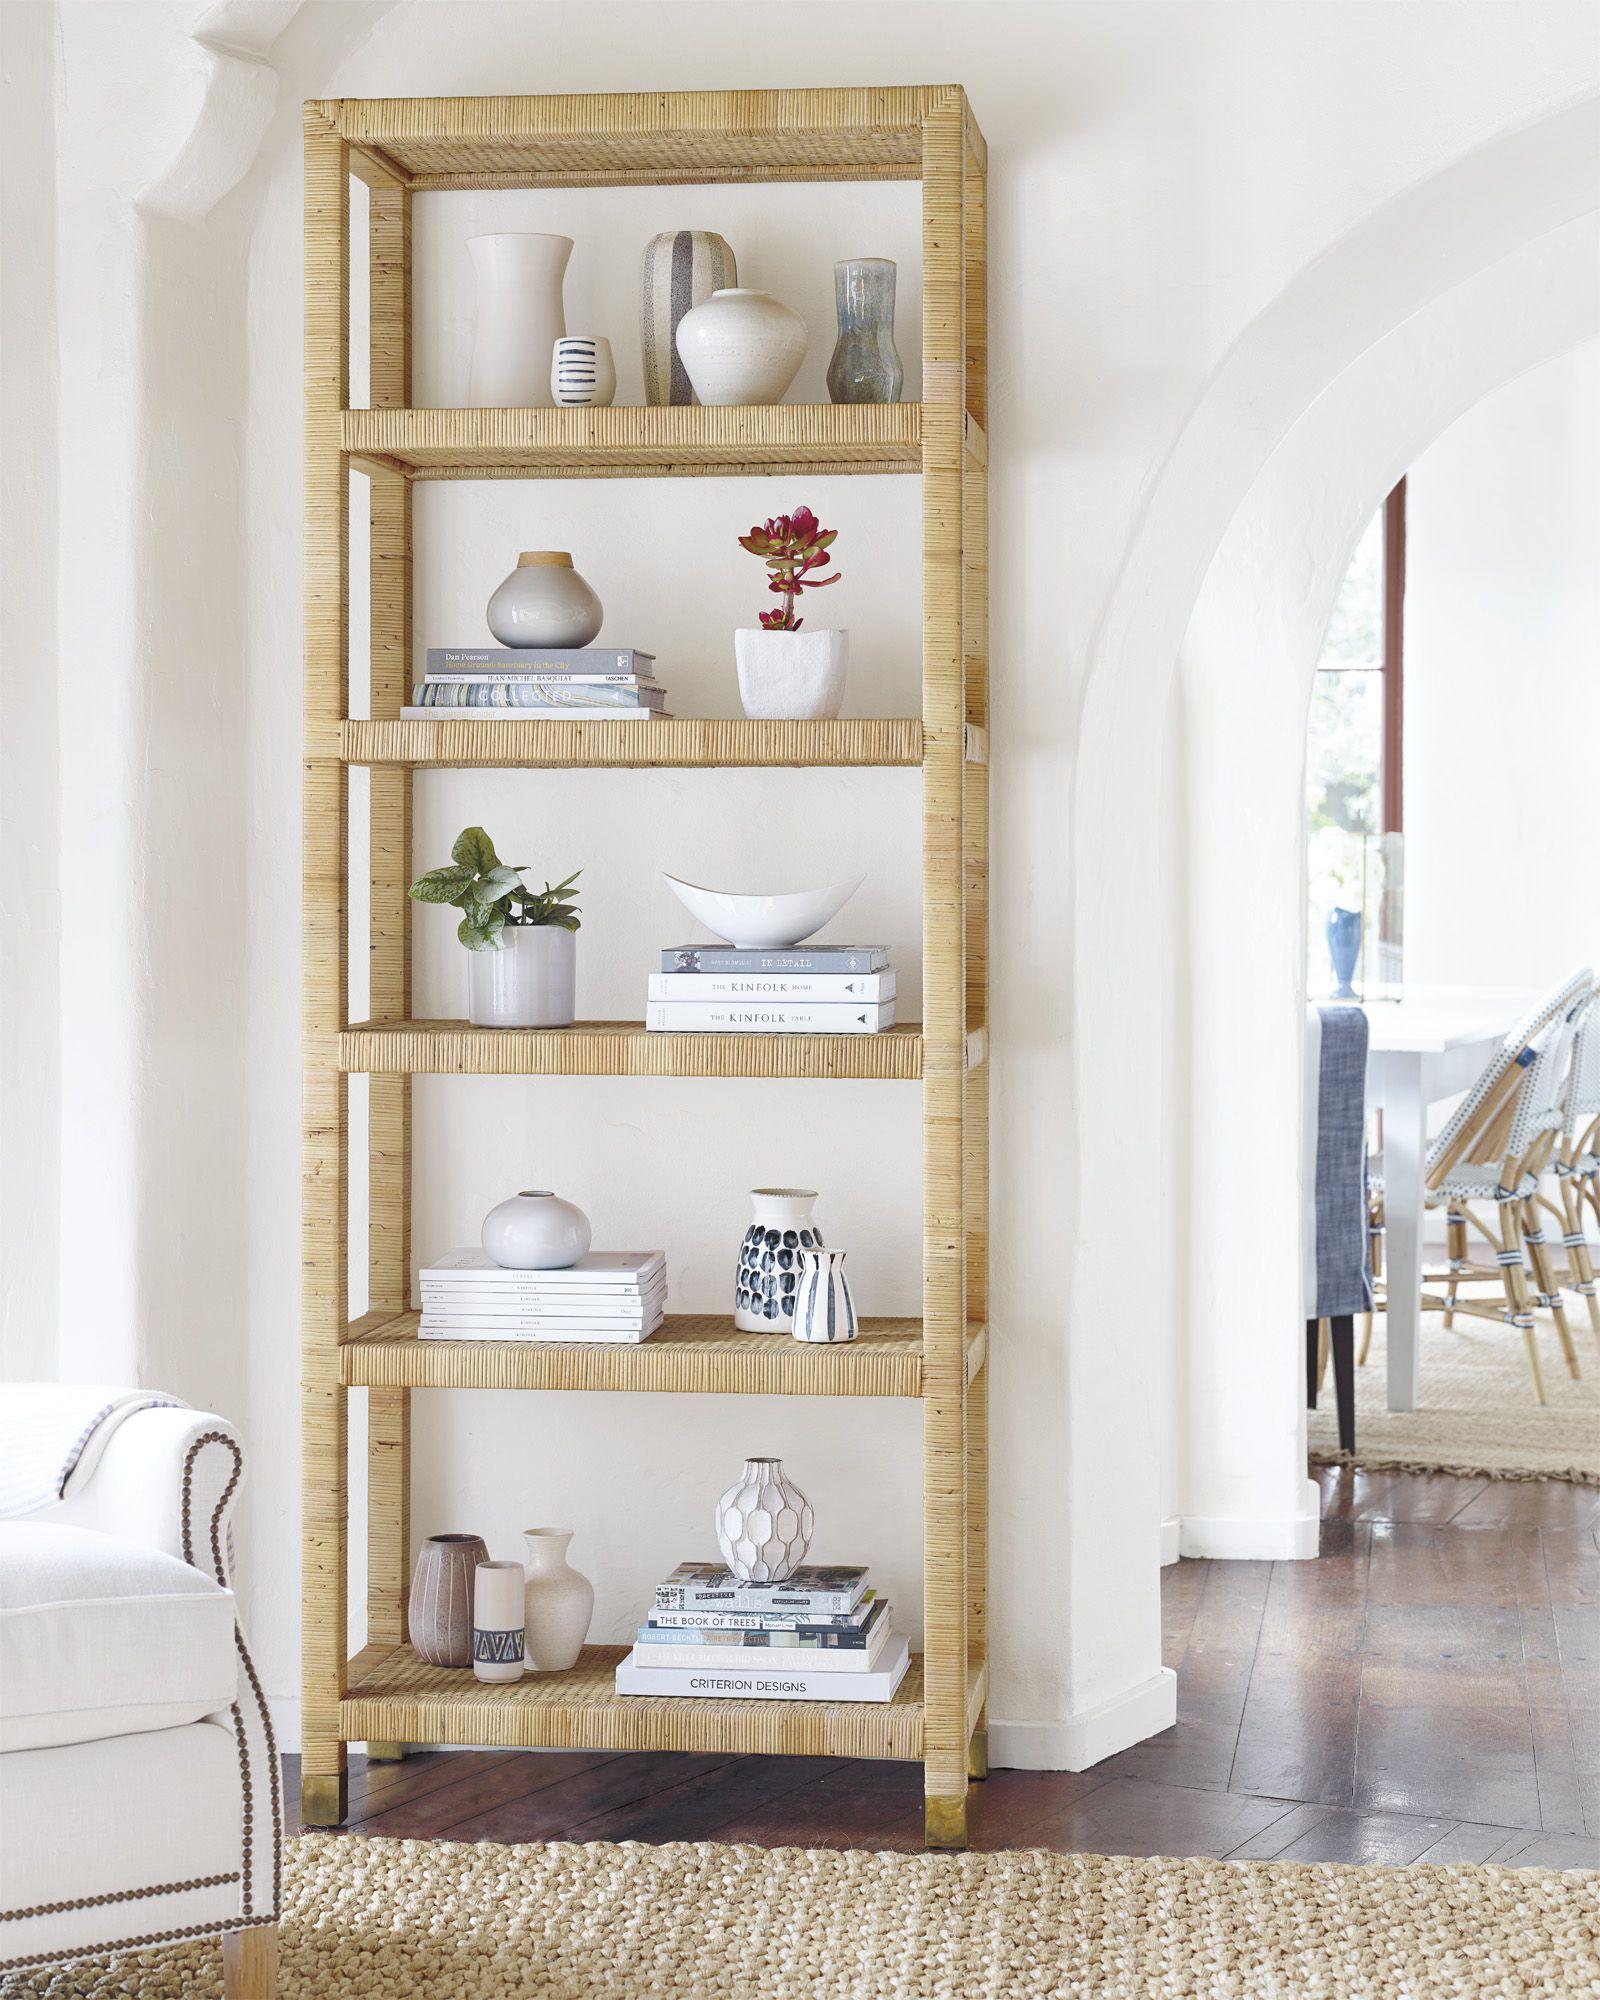 Living Room Shelves, Decor, Home Decor